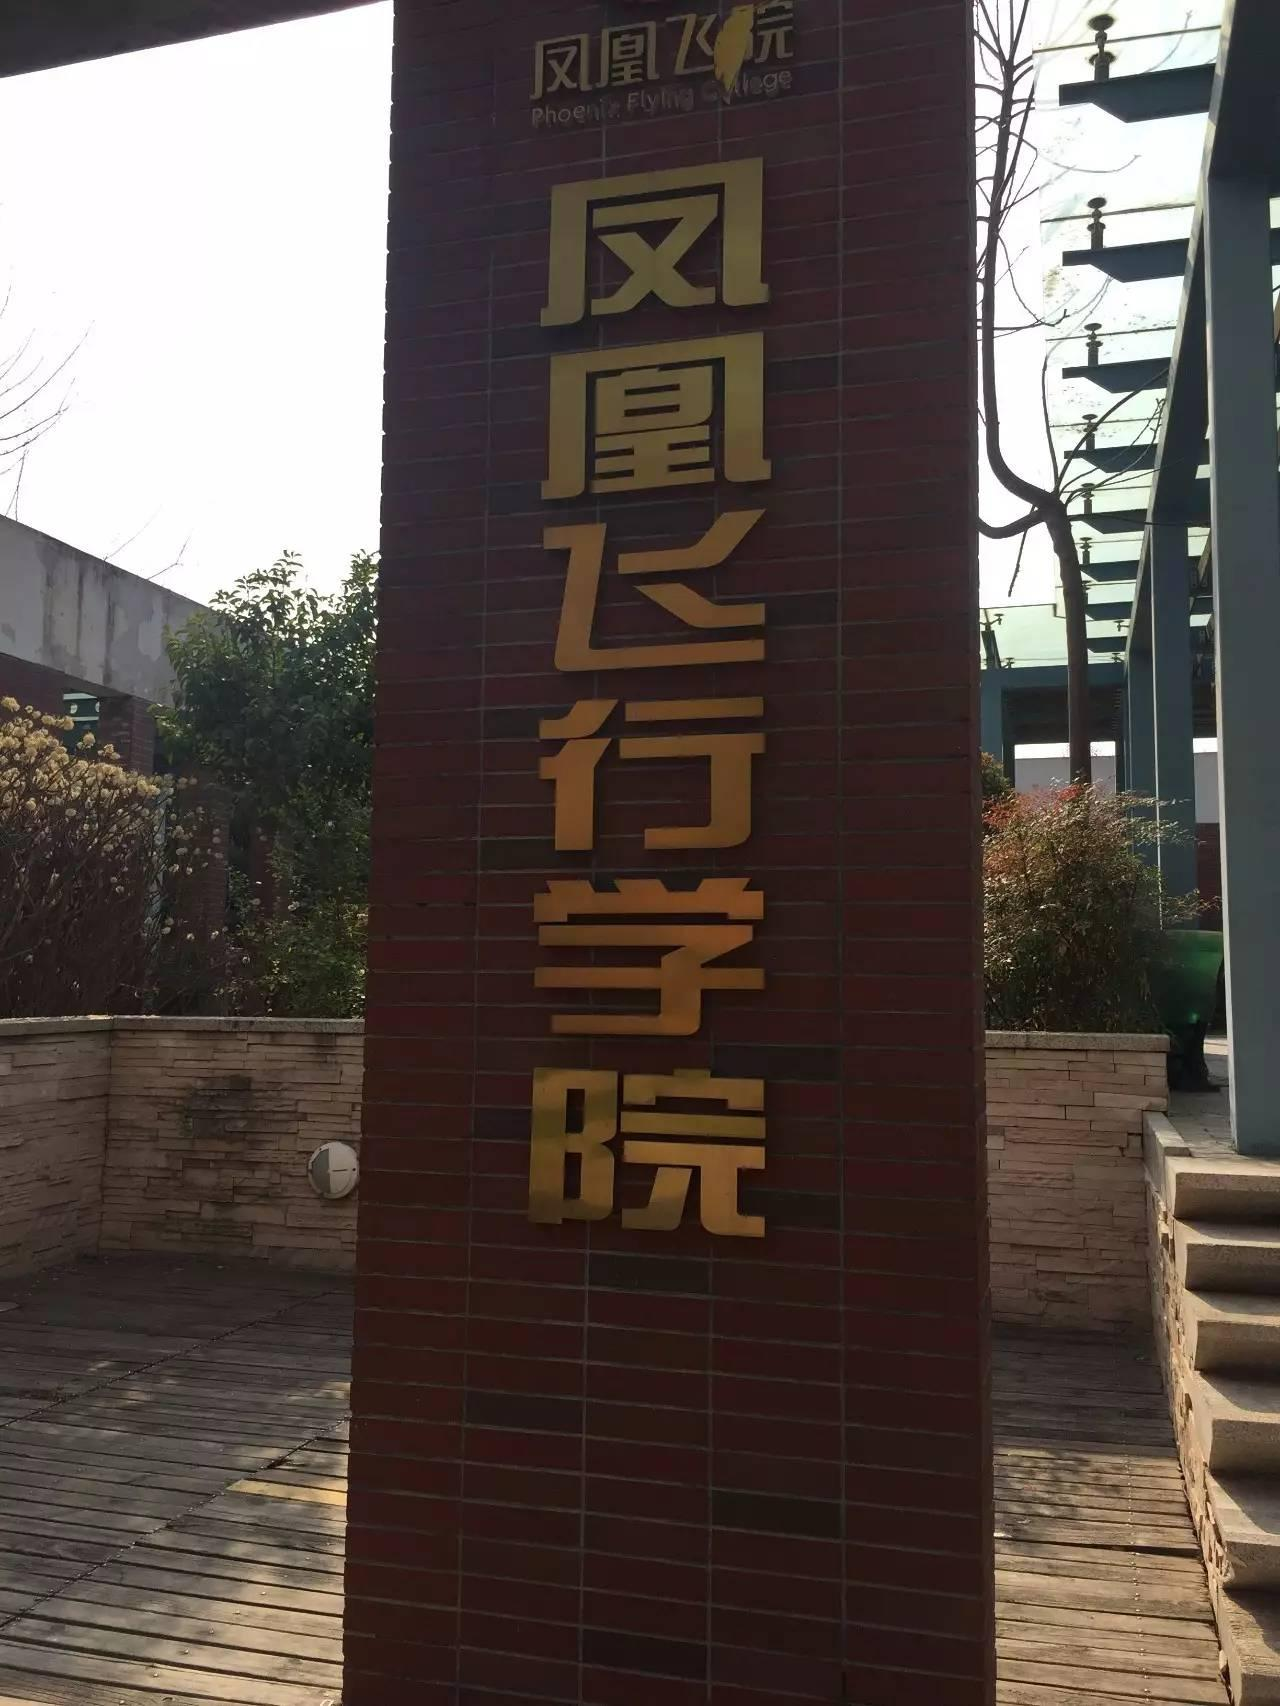 一架小型飞机在宝鸡千阳县田间坠毁,机上两人